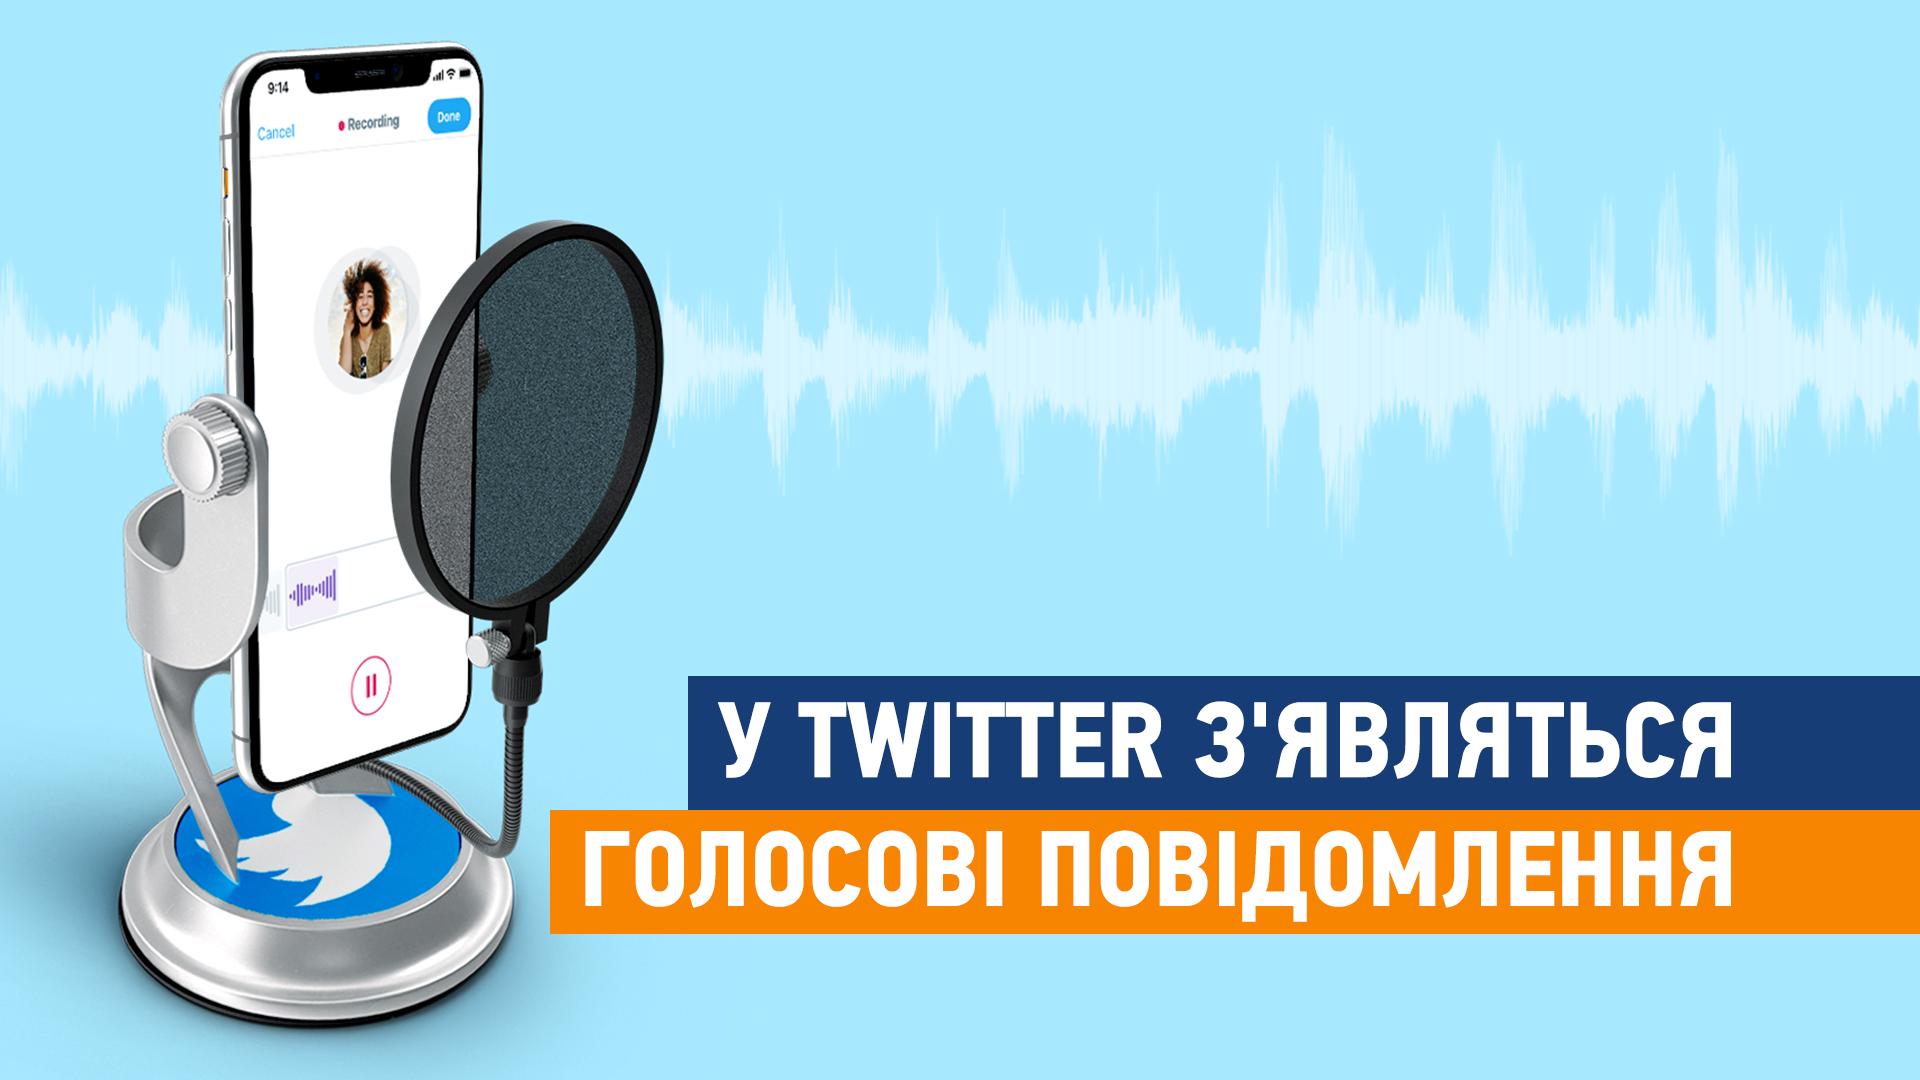 У Twitter з'являться голосові повідомлення - iOS - twitter poglyad